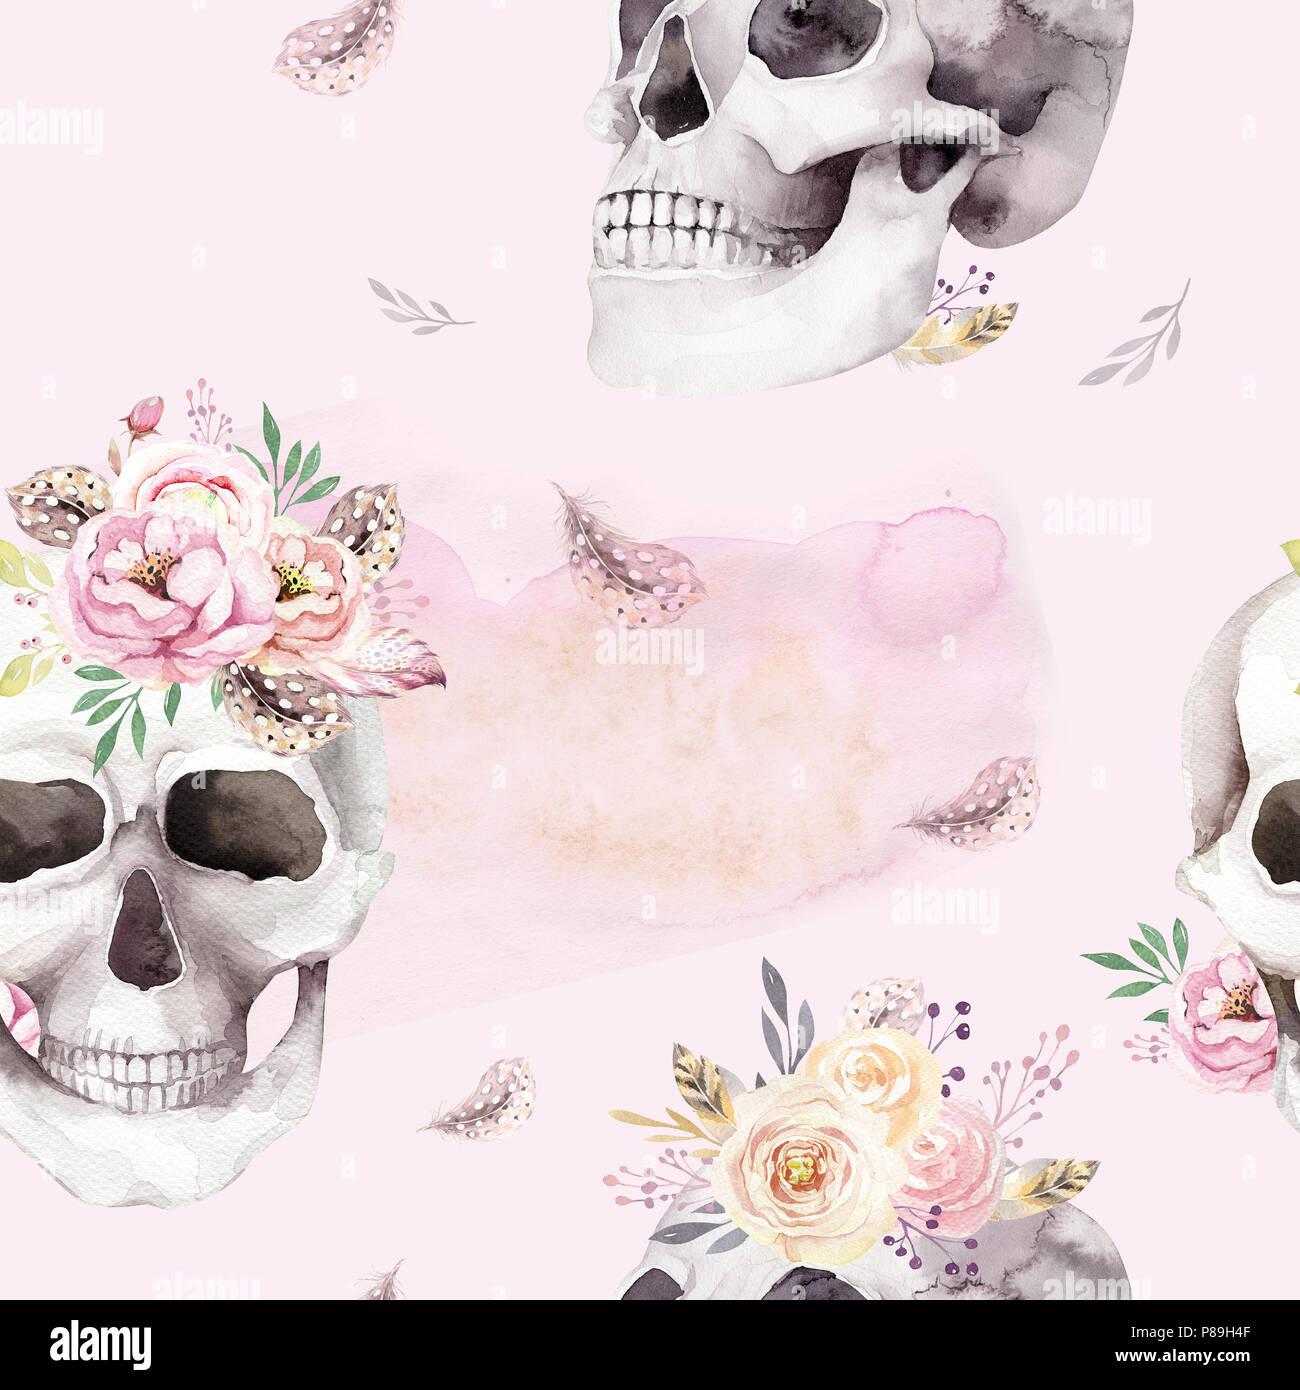 Tattoo Style Skull Illustration Stock Photos & Tattoo